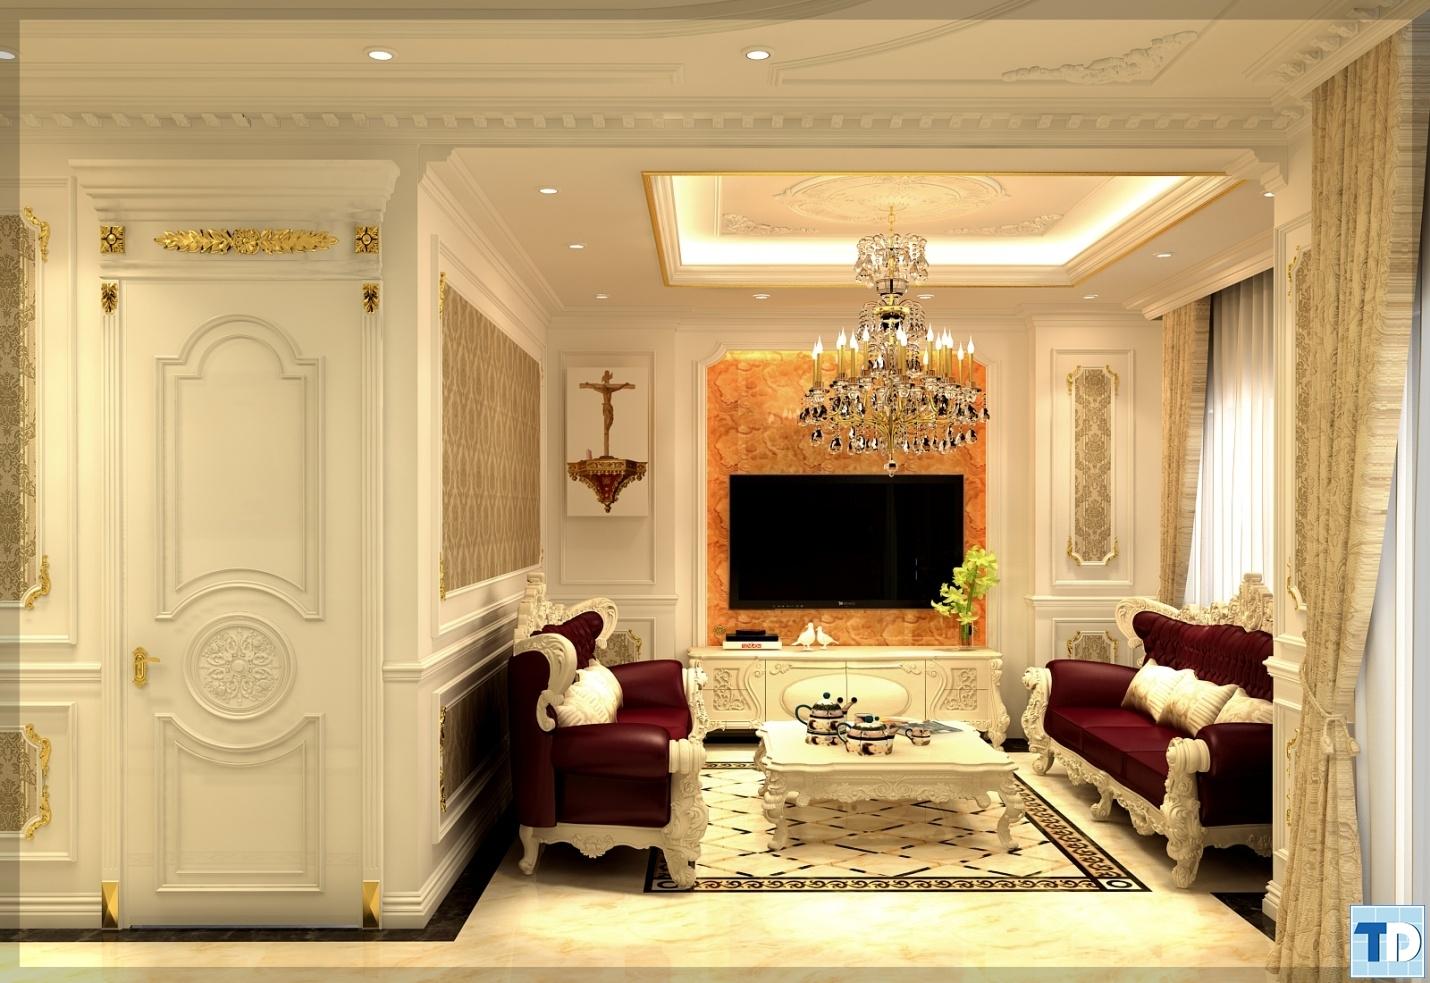 Thiết kế nội thất đẹp sang trọng cho mọi nhà